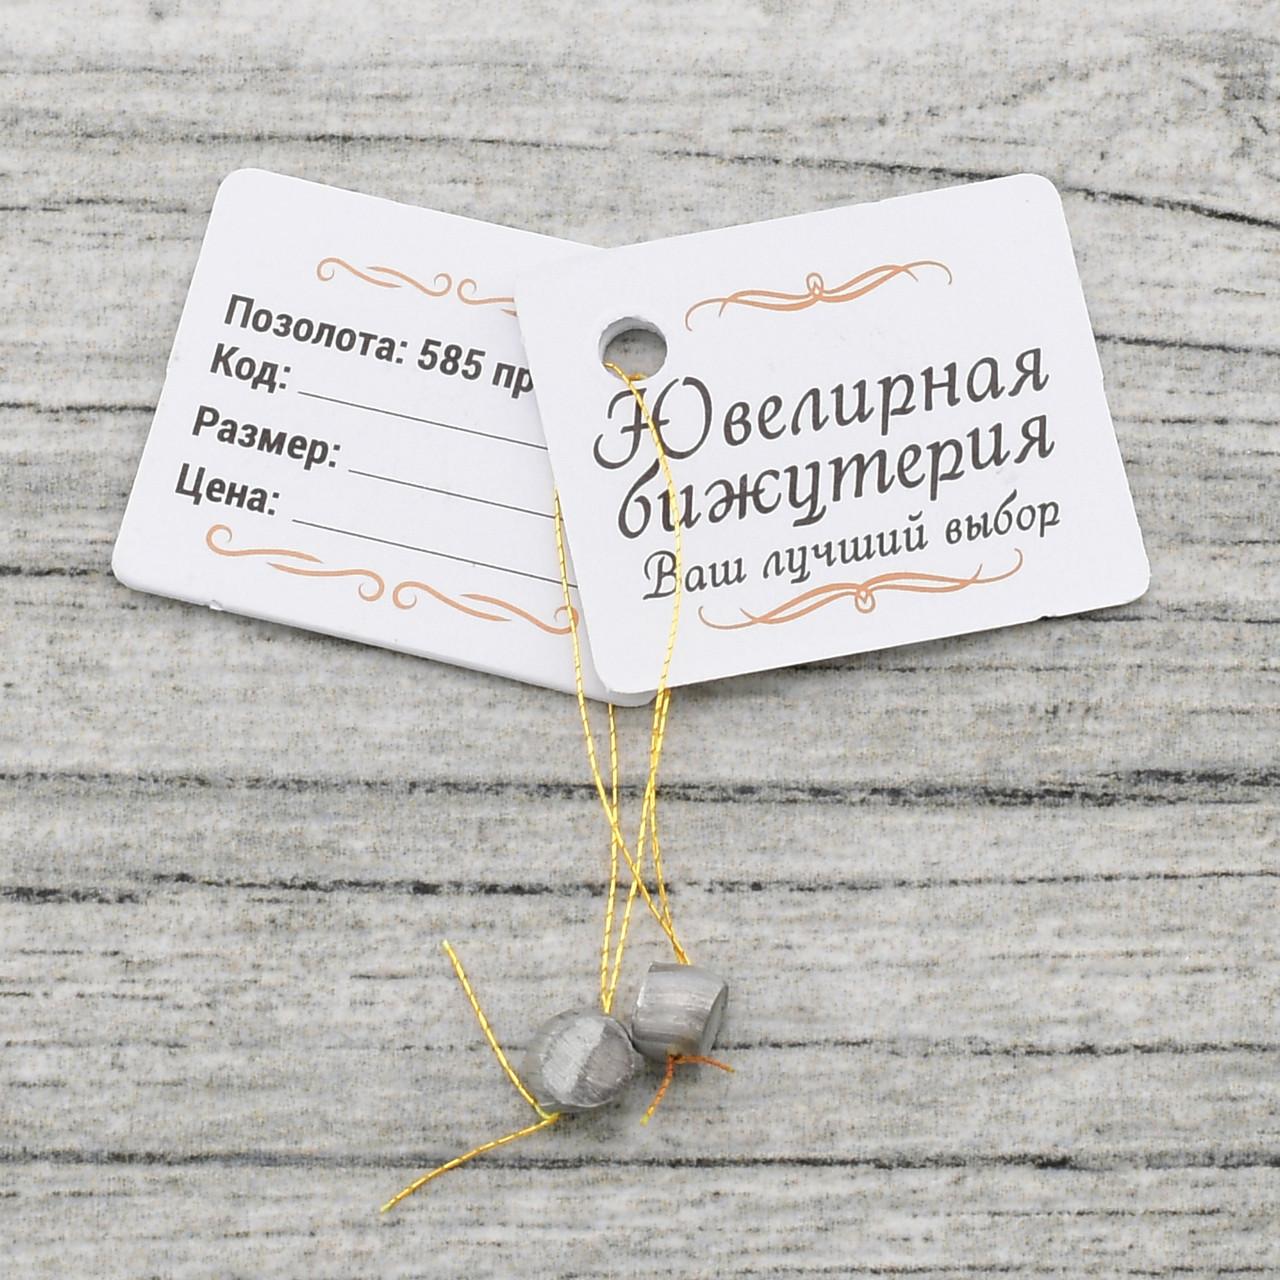 Русская Бирка, нитка, пломба для продажи изделий, 50 шт